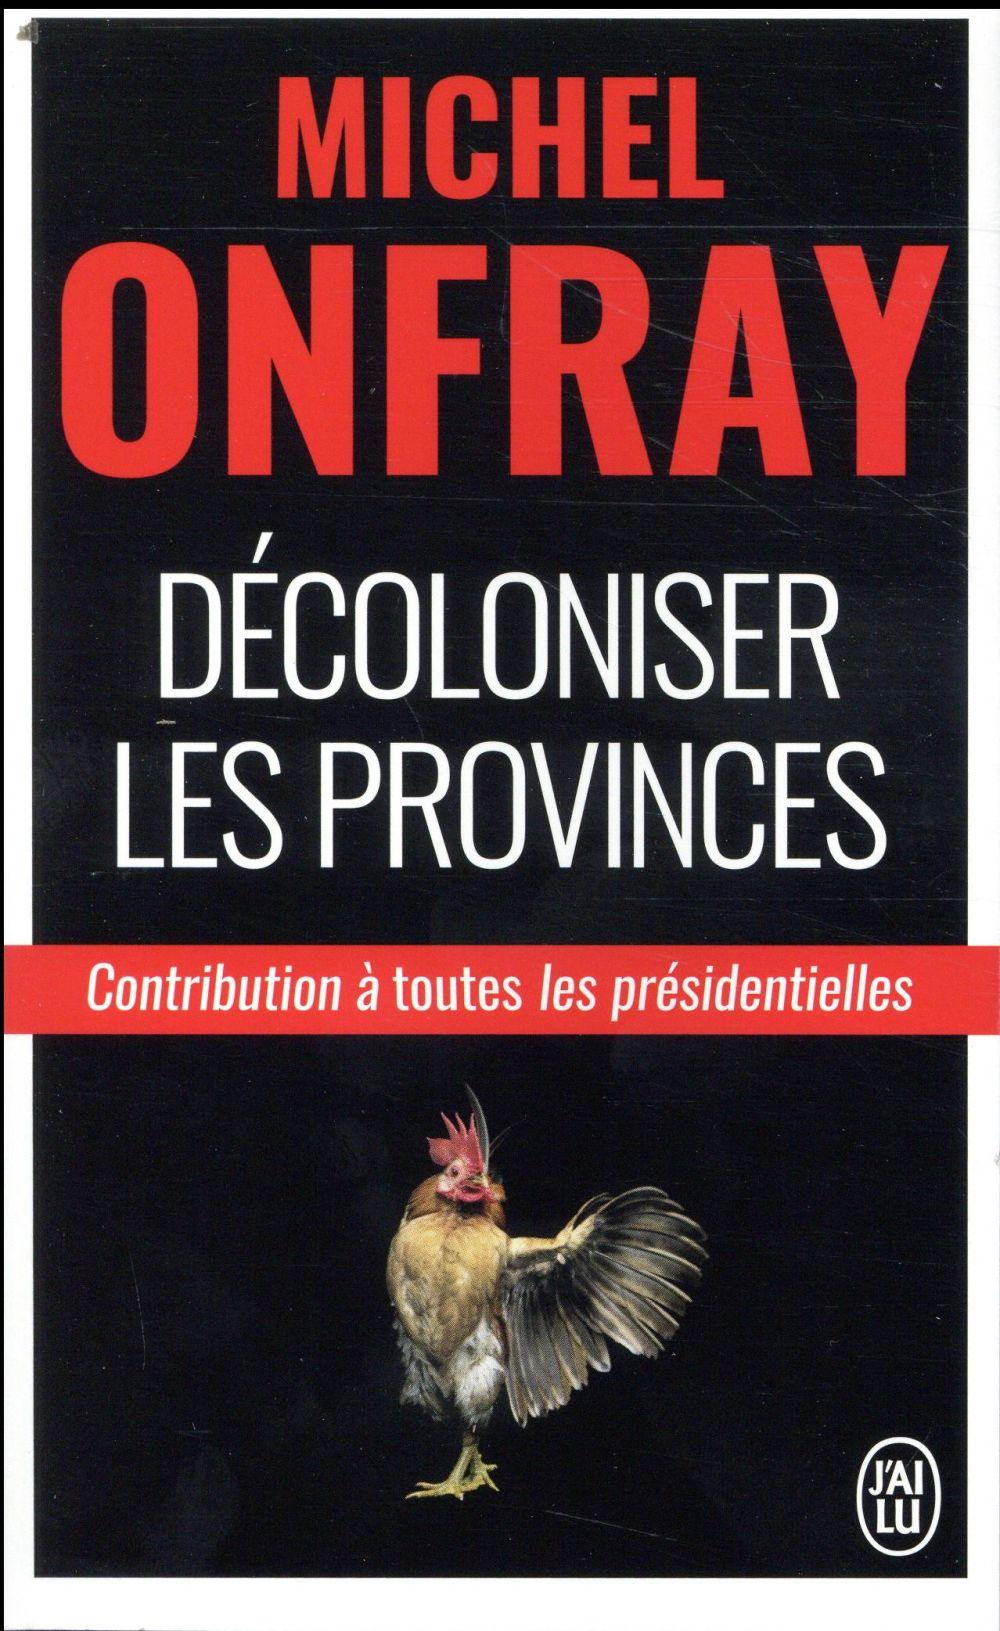 Décoloniser les provinces ; contribution aux présidentielles